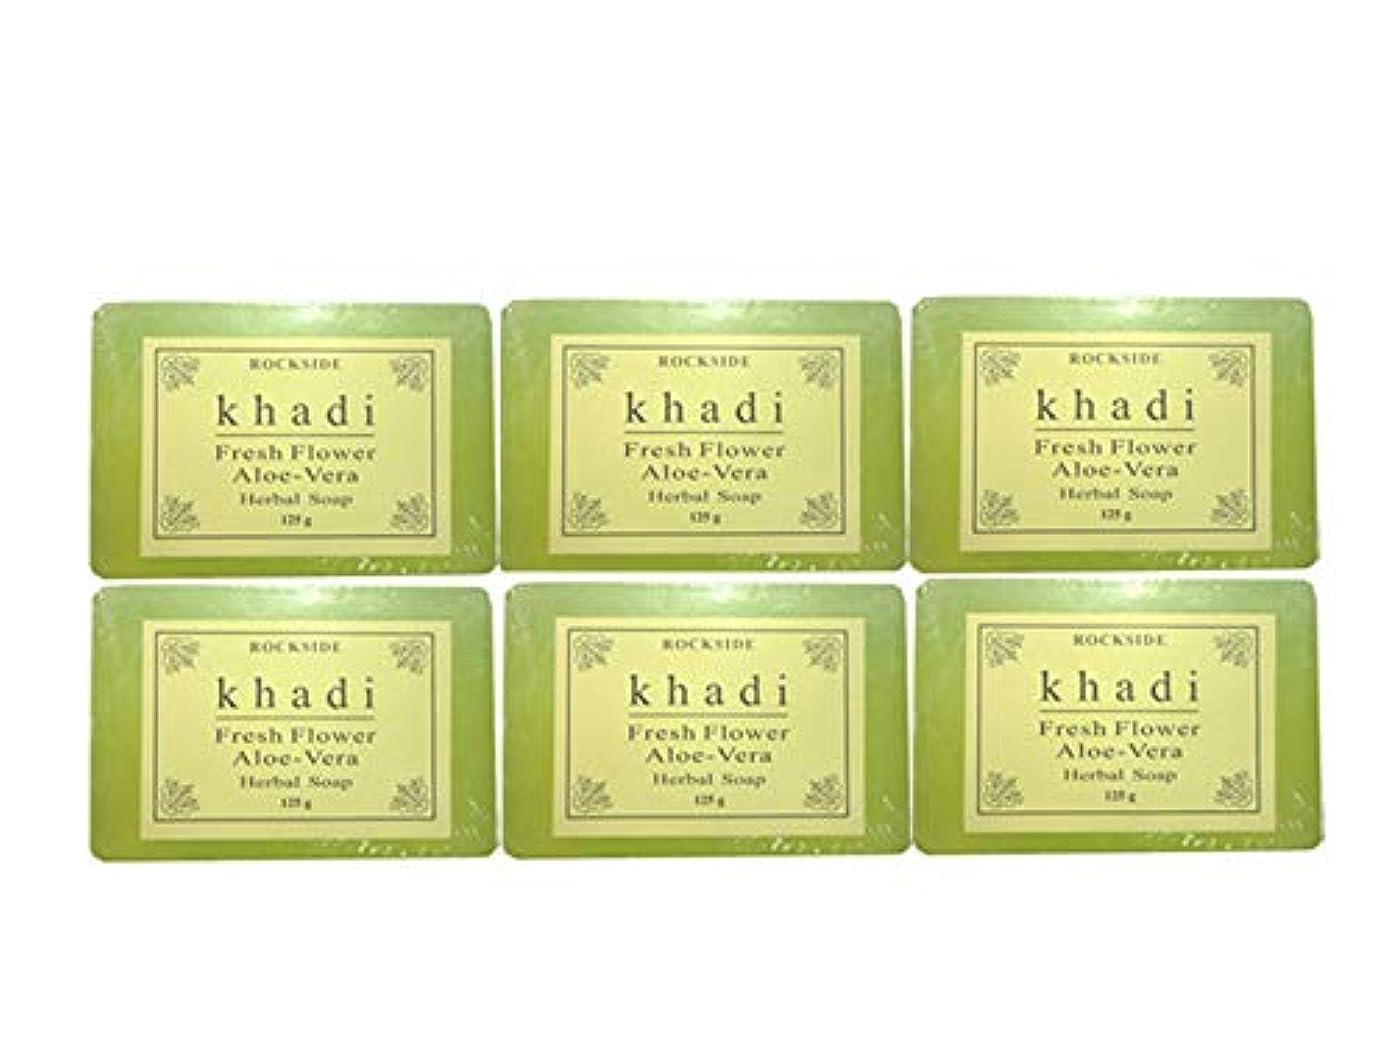 素朴なハント改修する手作り カーディ フレッシュフラワー2 ハーバルソープ Khadi Fresh Flower Aloe-Vera Herbal Soap 6個SET